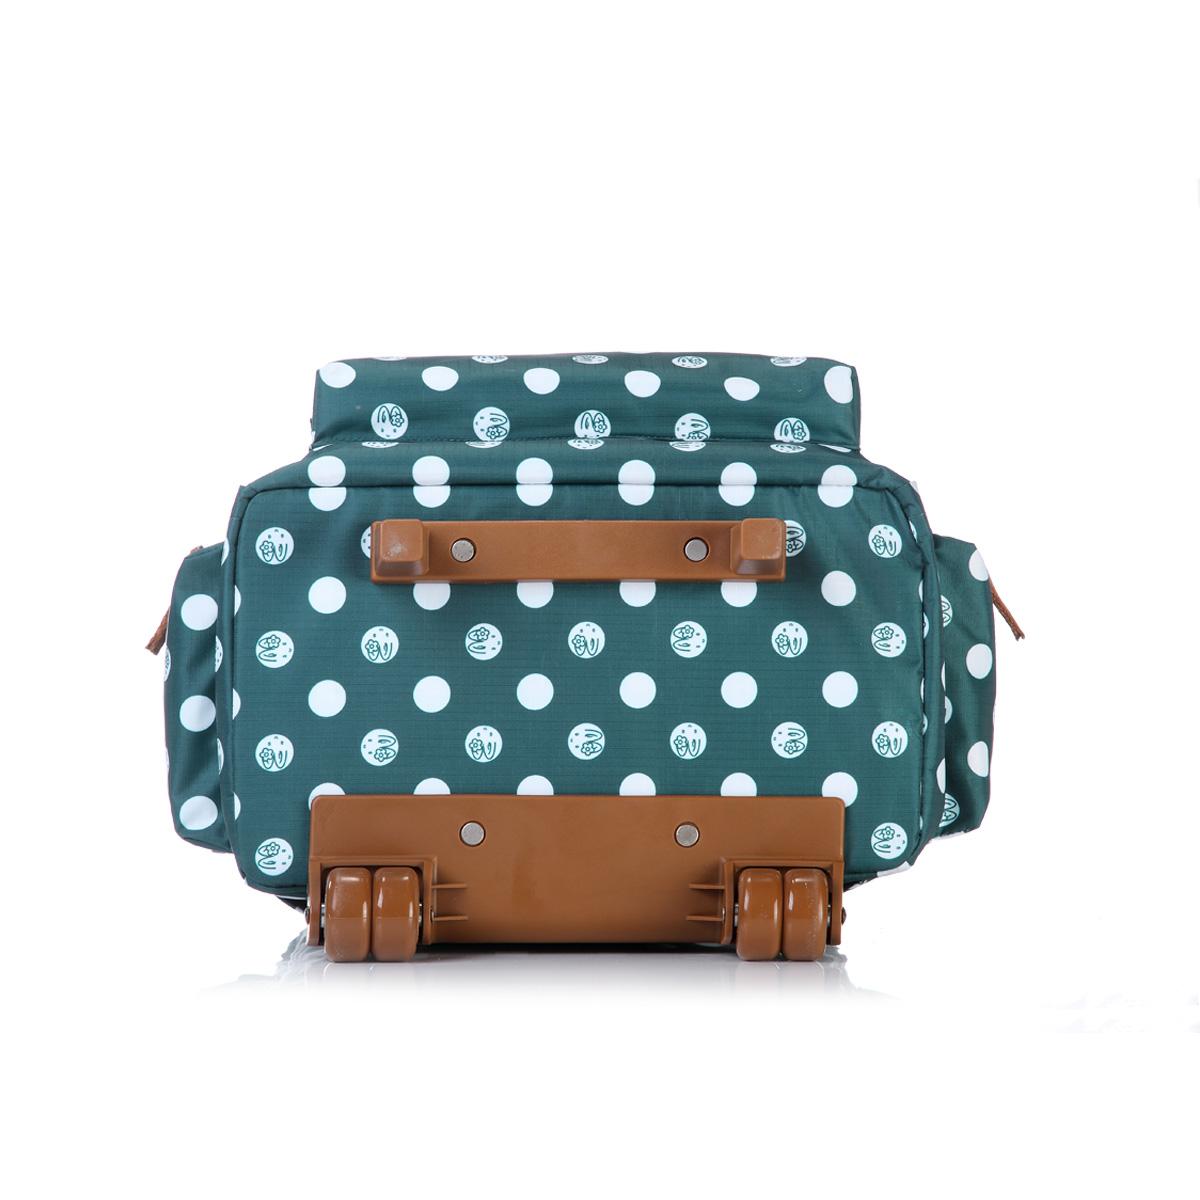 Κουτί γάτα κοστούμι βαλίτσα 3039y ημέρες